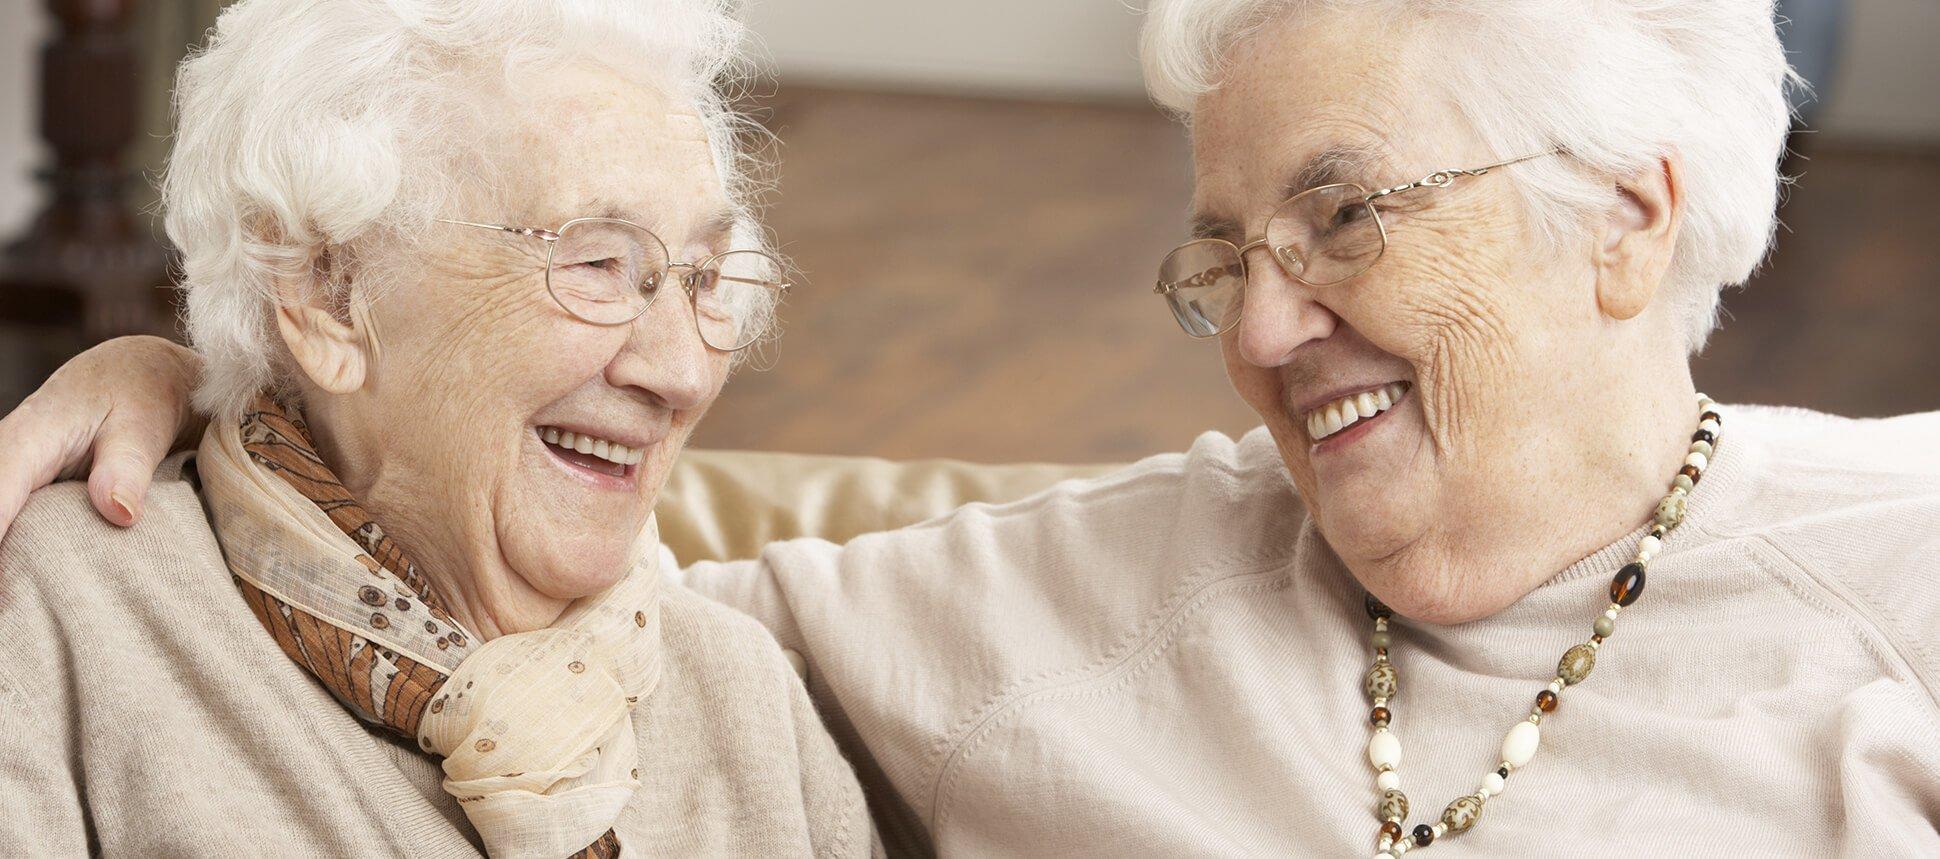 due donne anziane chiaccherano e sorridono tra di loro